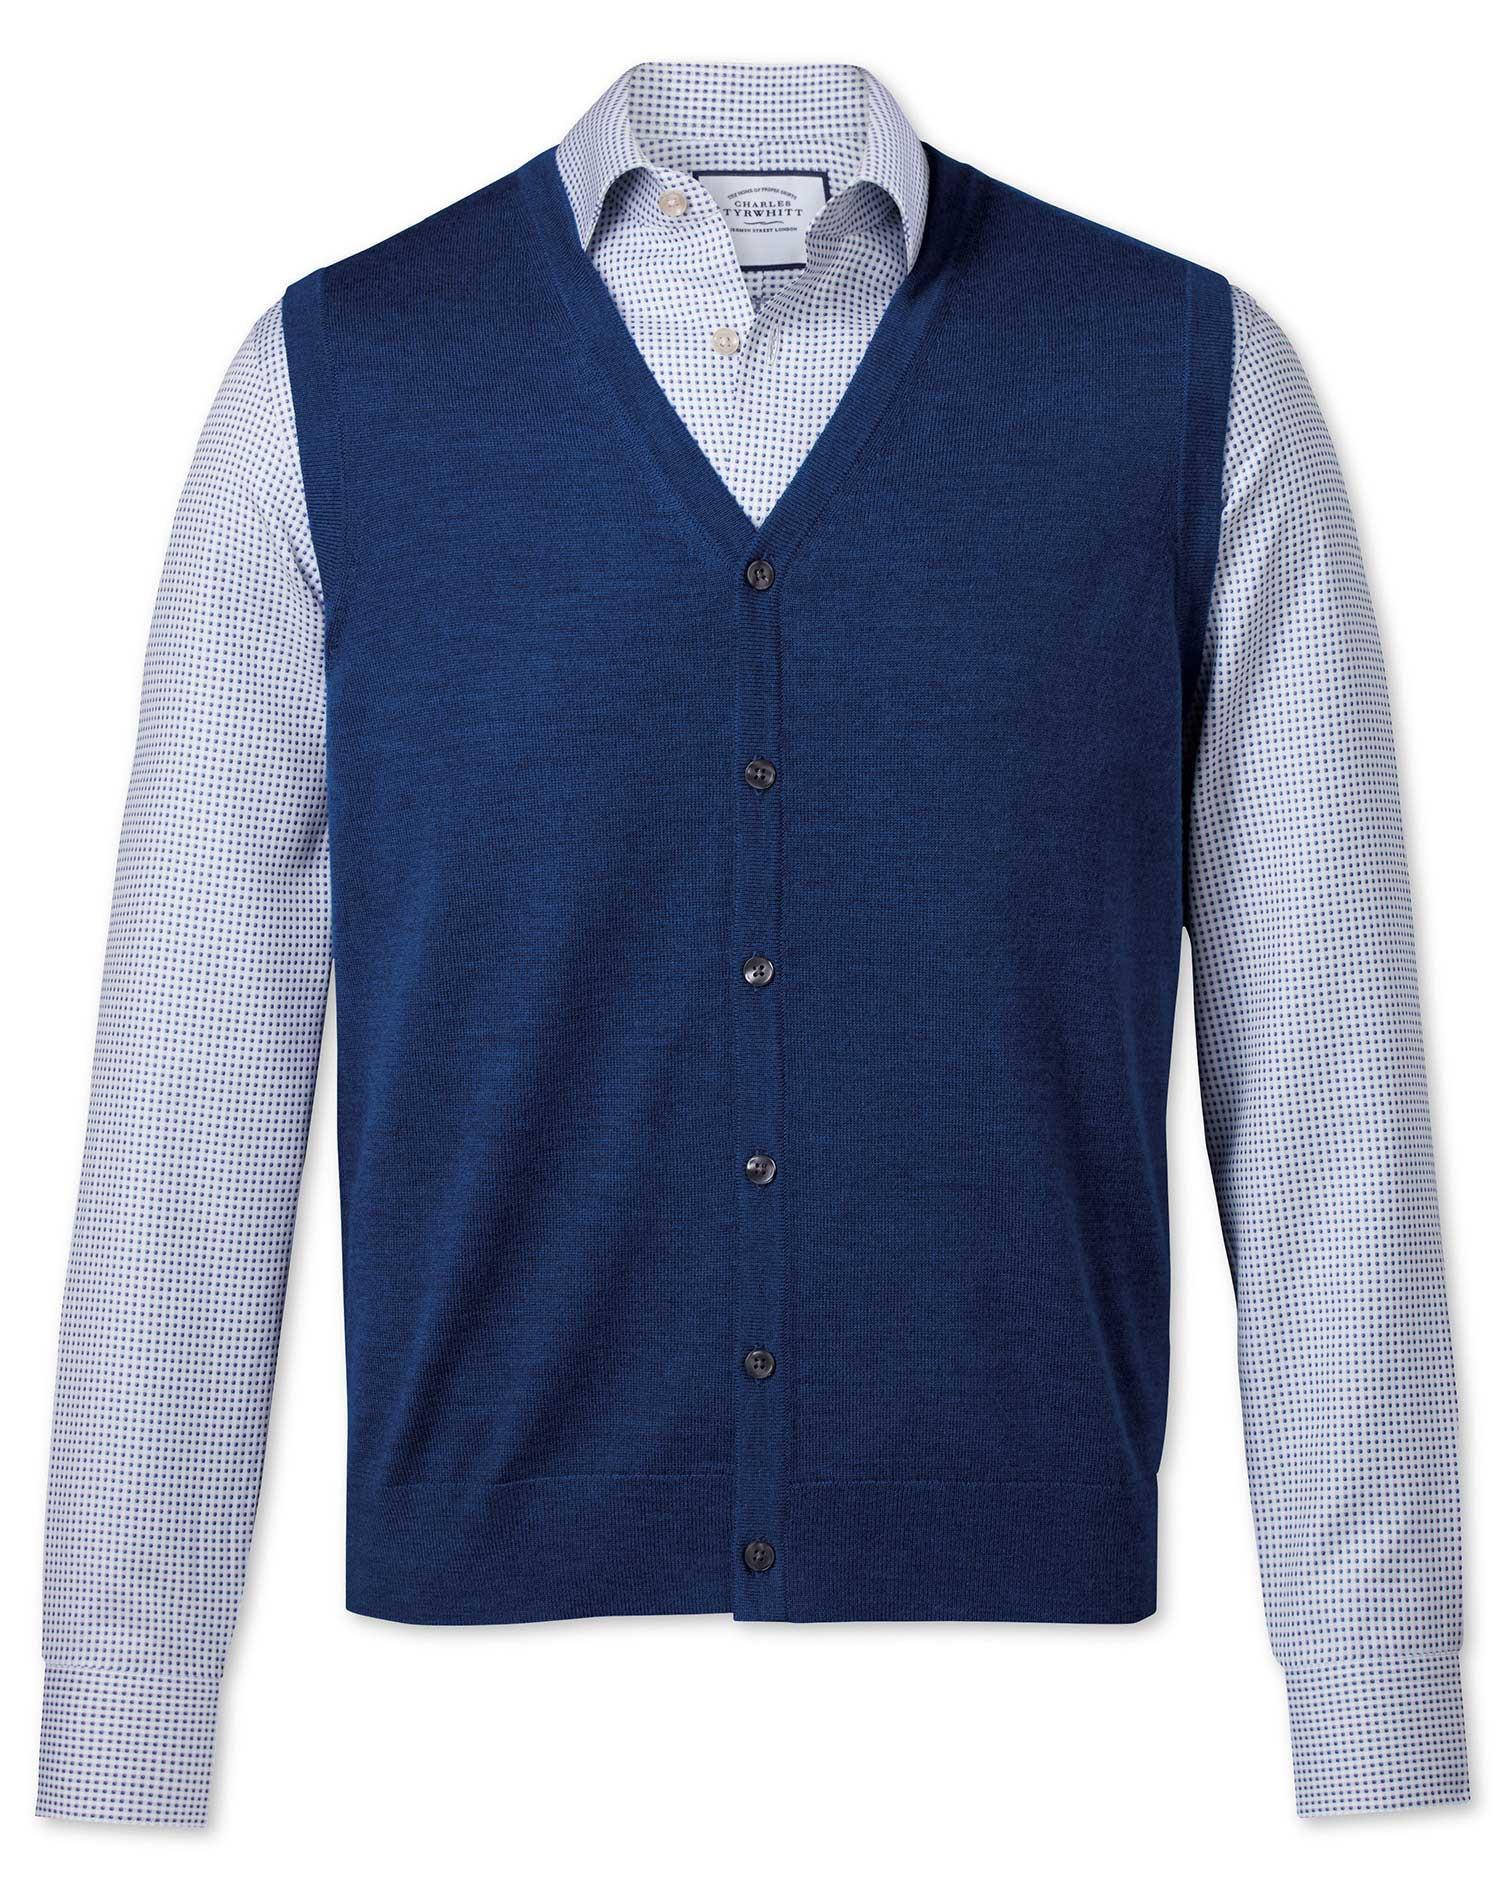 100Percent Merino Wool Royal Blue Merino Waistcoat